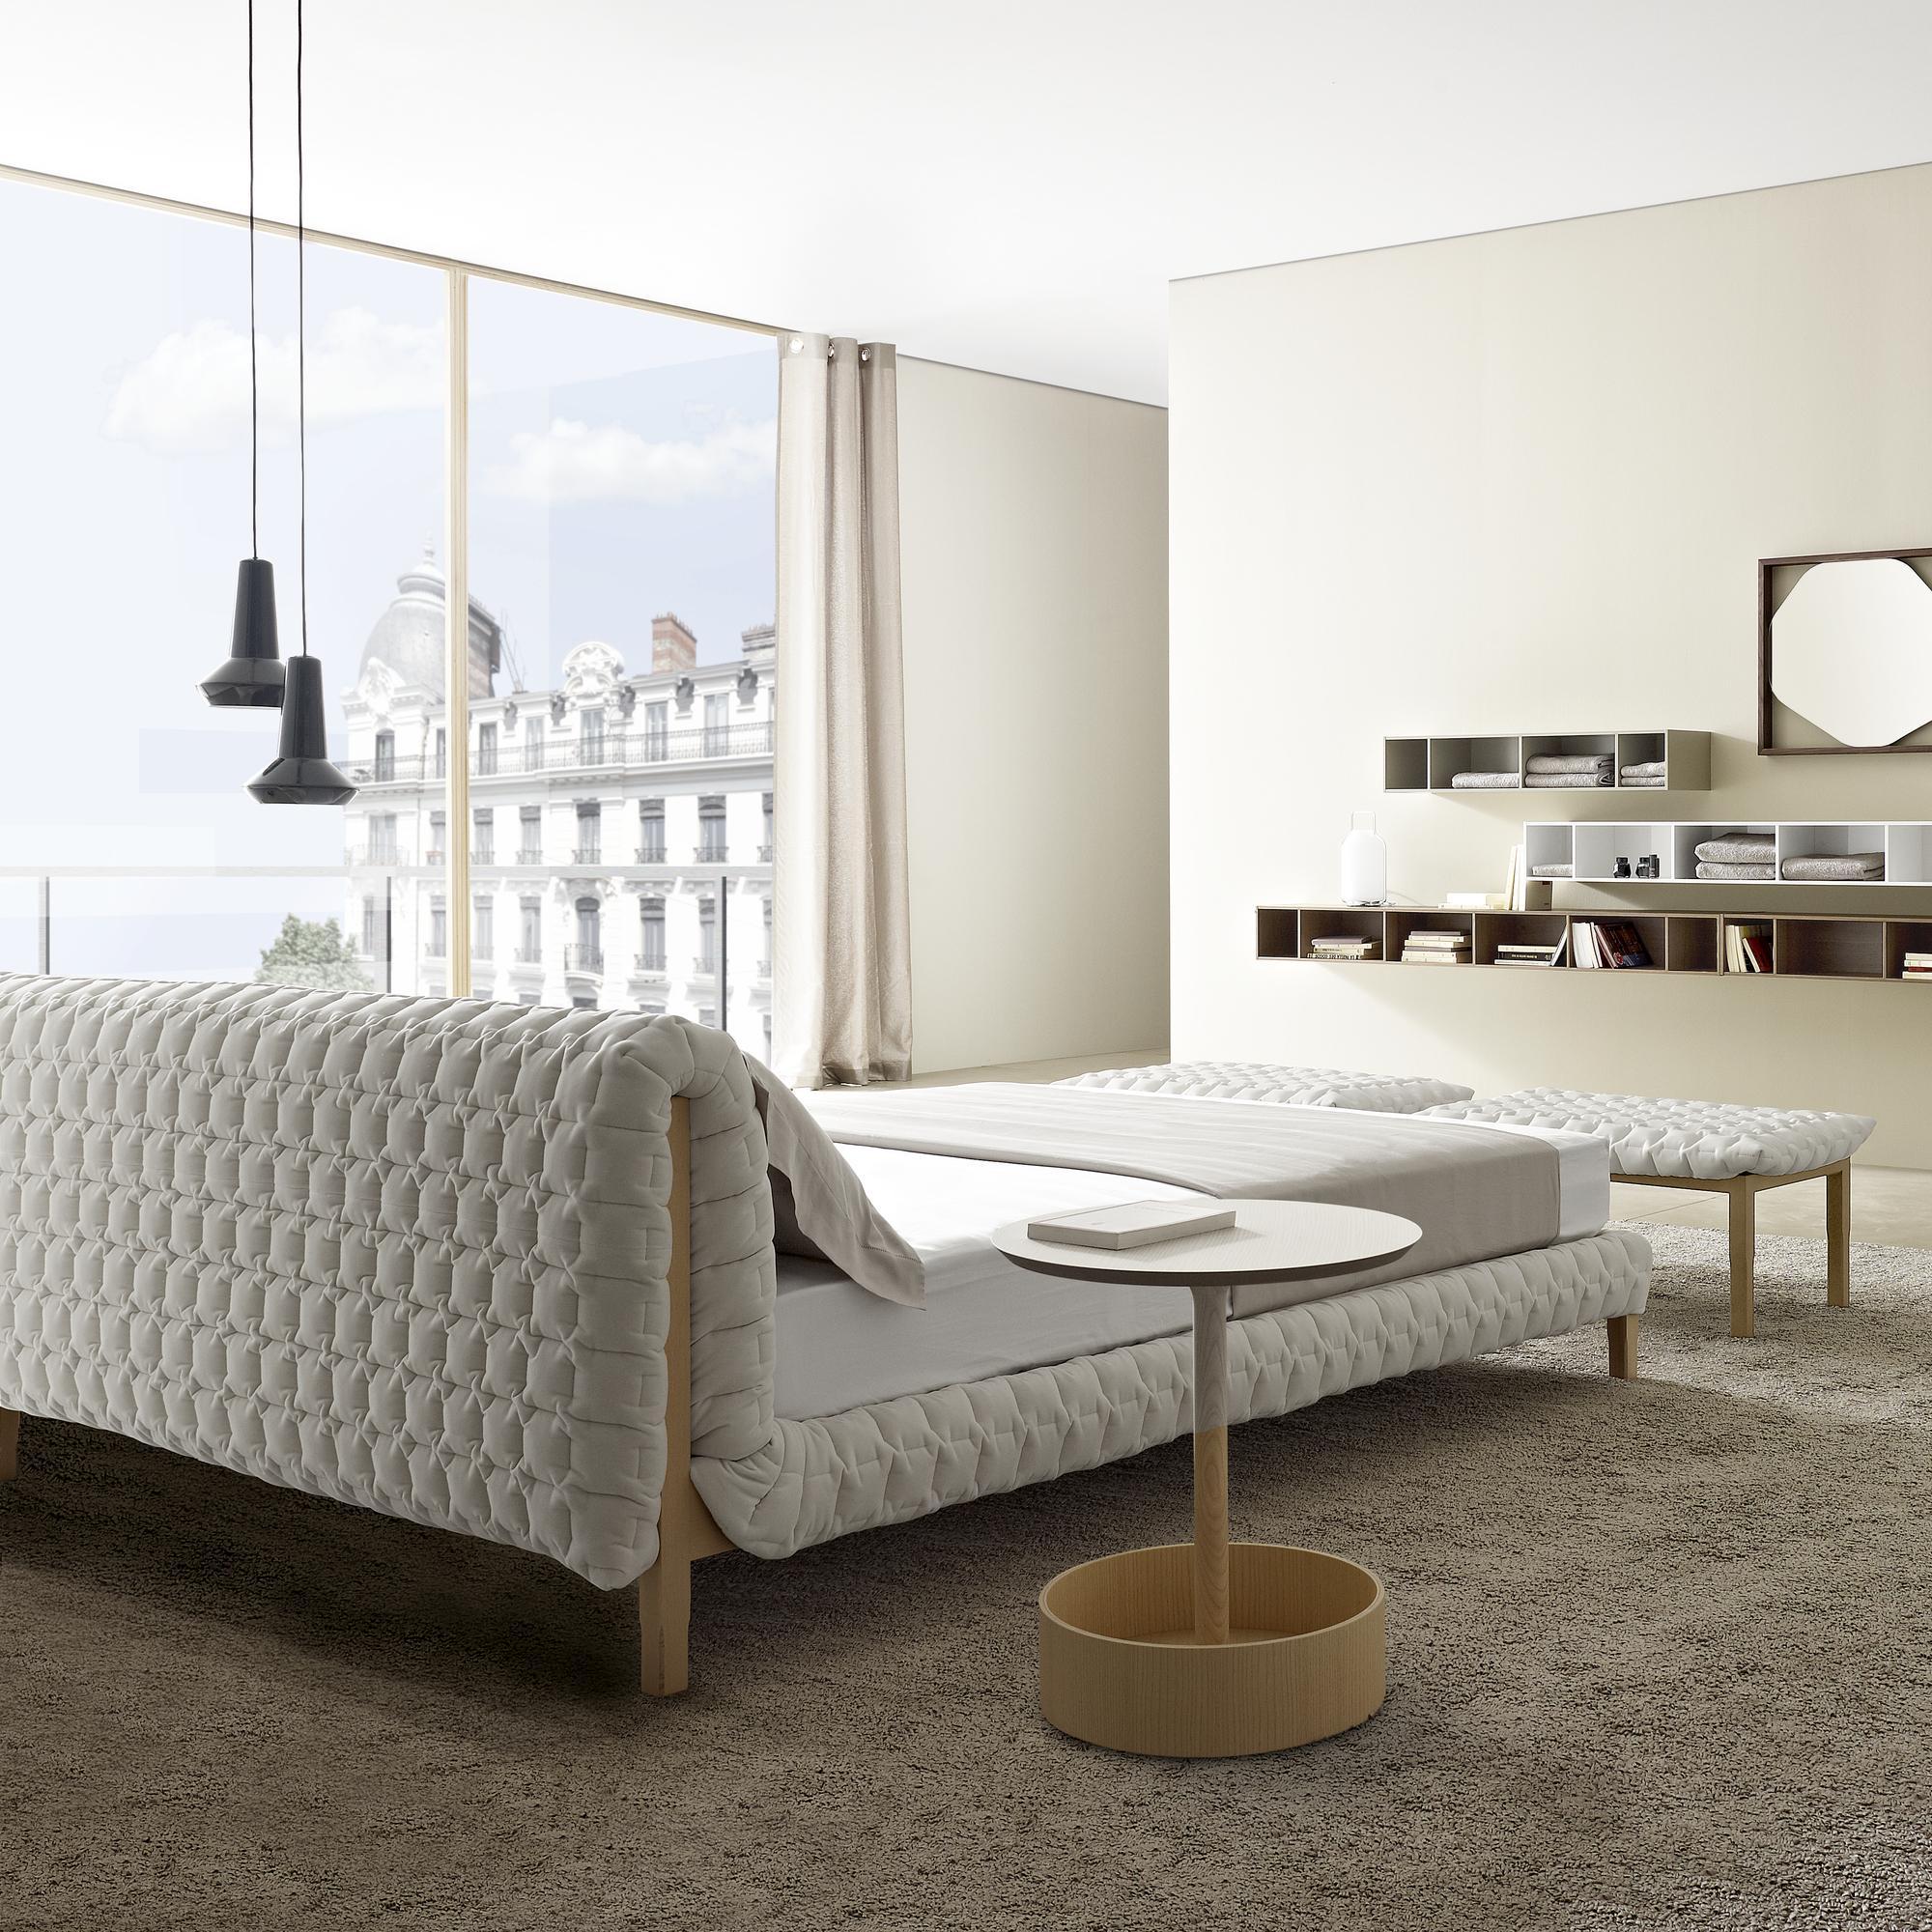 Full Size of Ruch Betten Weiß 200x220 Joop Außergewöhnliche Günstige 140x200 Massivholz Nolte Jensen Jabo Kaufen Breckle Wohnzimmer Niedrige Betten